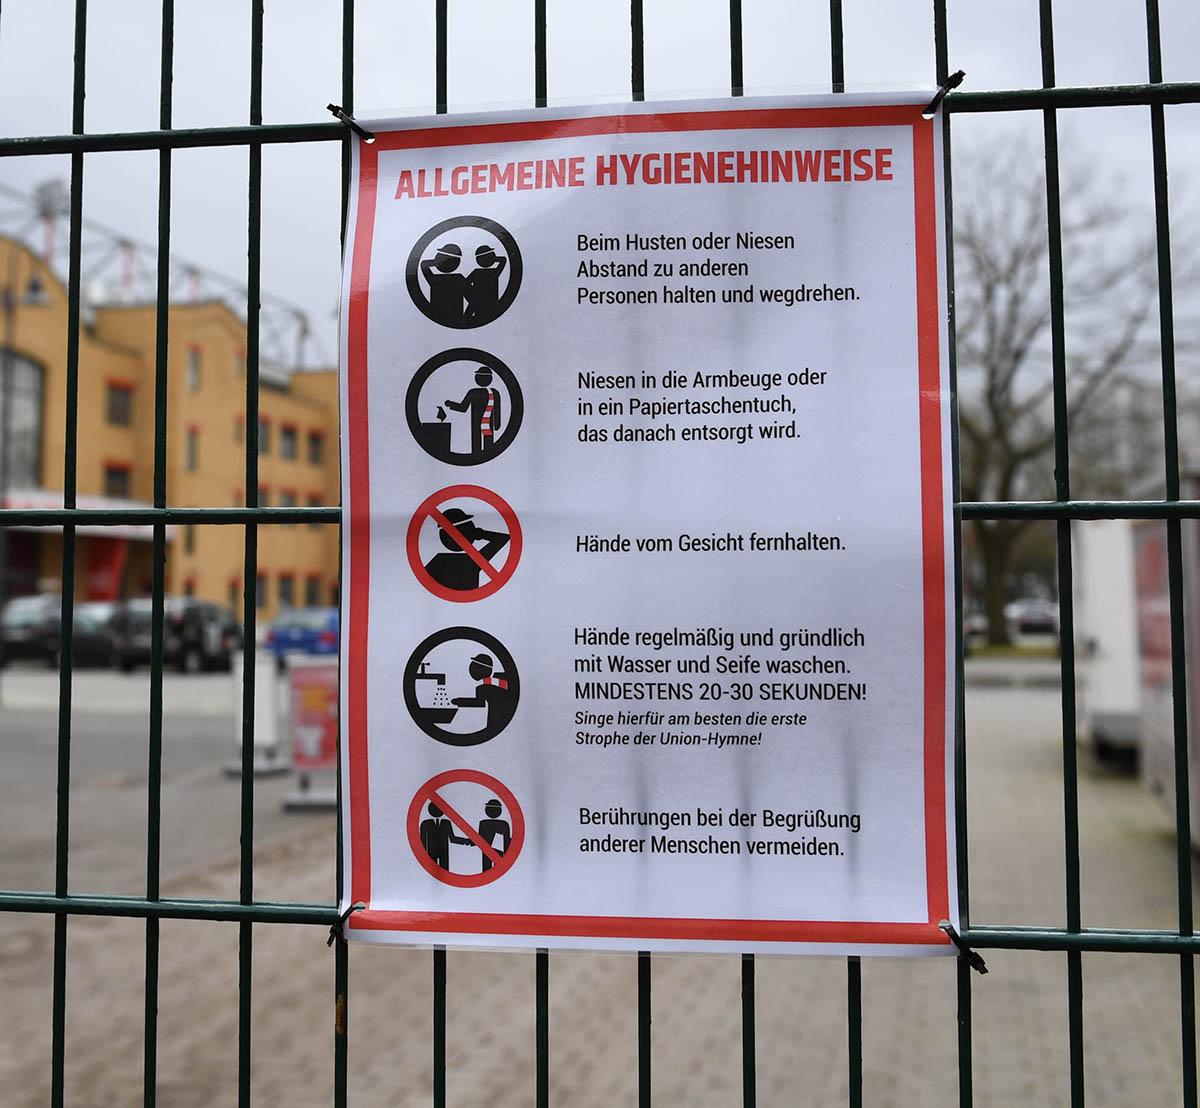 Hygienehinweis am Stadion zu Beginn der Coronavirus-Epidemie in Berlin am 13.03. 2020, Foto: Matze Koch